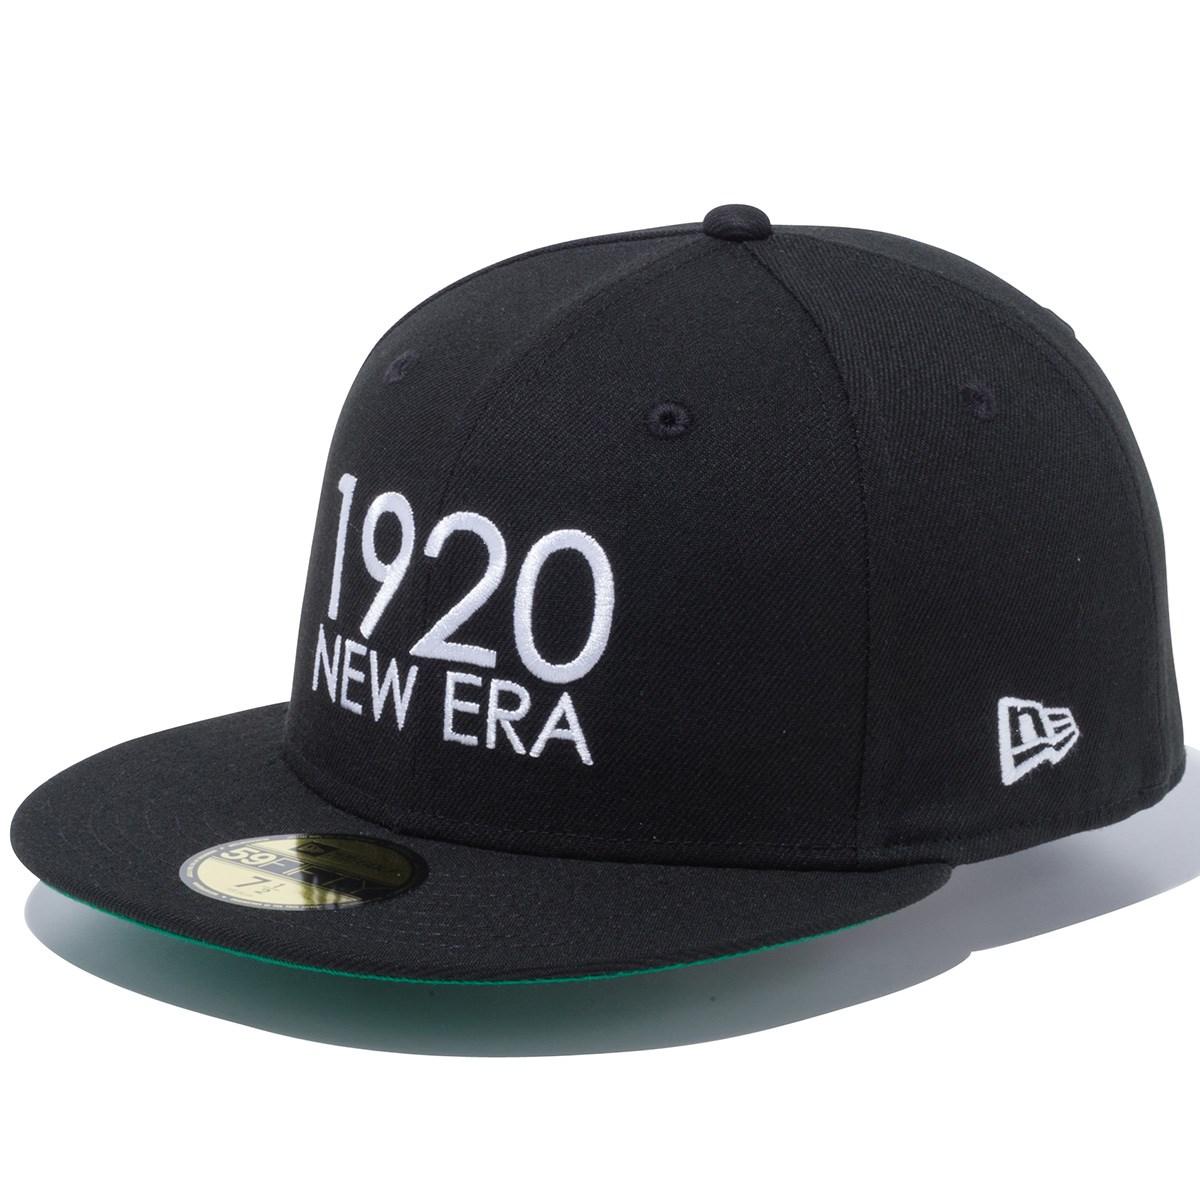 ニューエラ NEW ERA GOLF 5950 1920 NEW ERA キャップ 7 5/8 ブラック